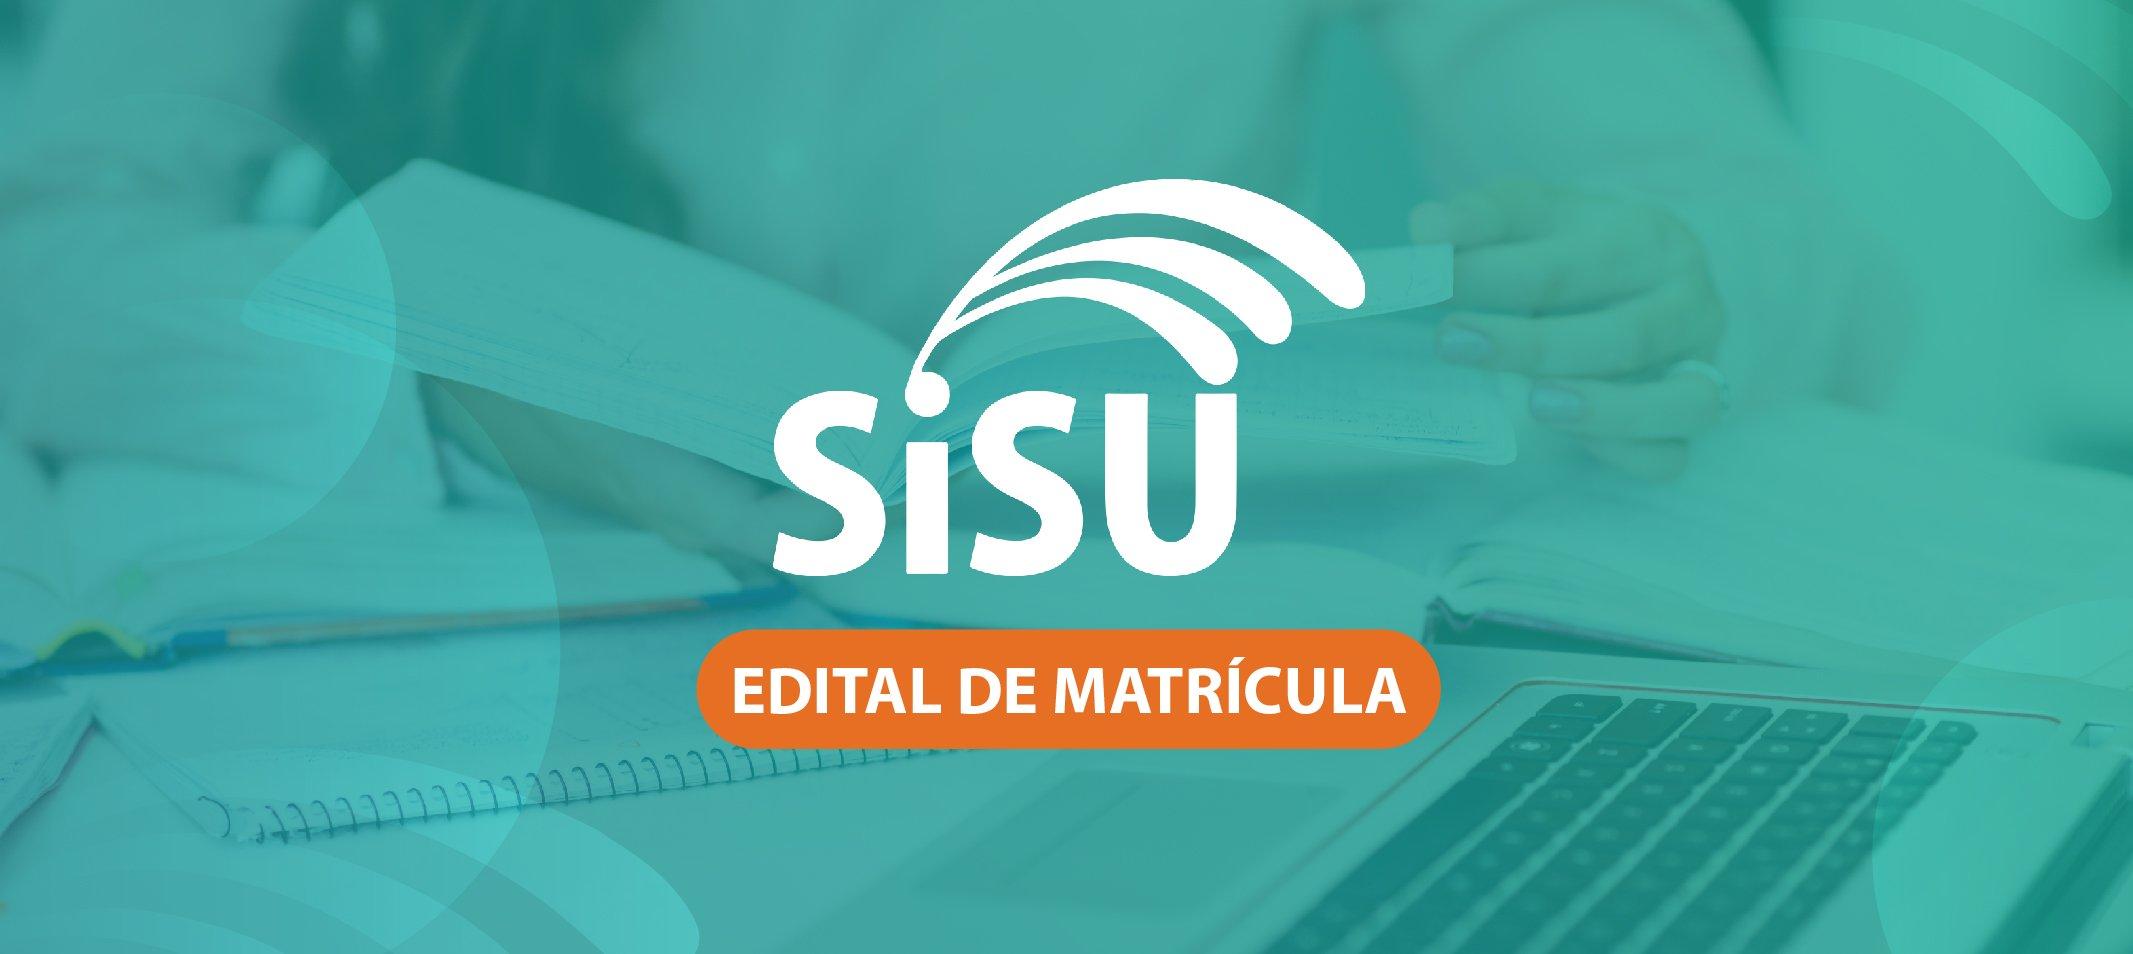 ICSEZ realizará Matrícula Institucional aos candidatos classificados no SISU/2020